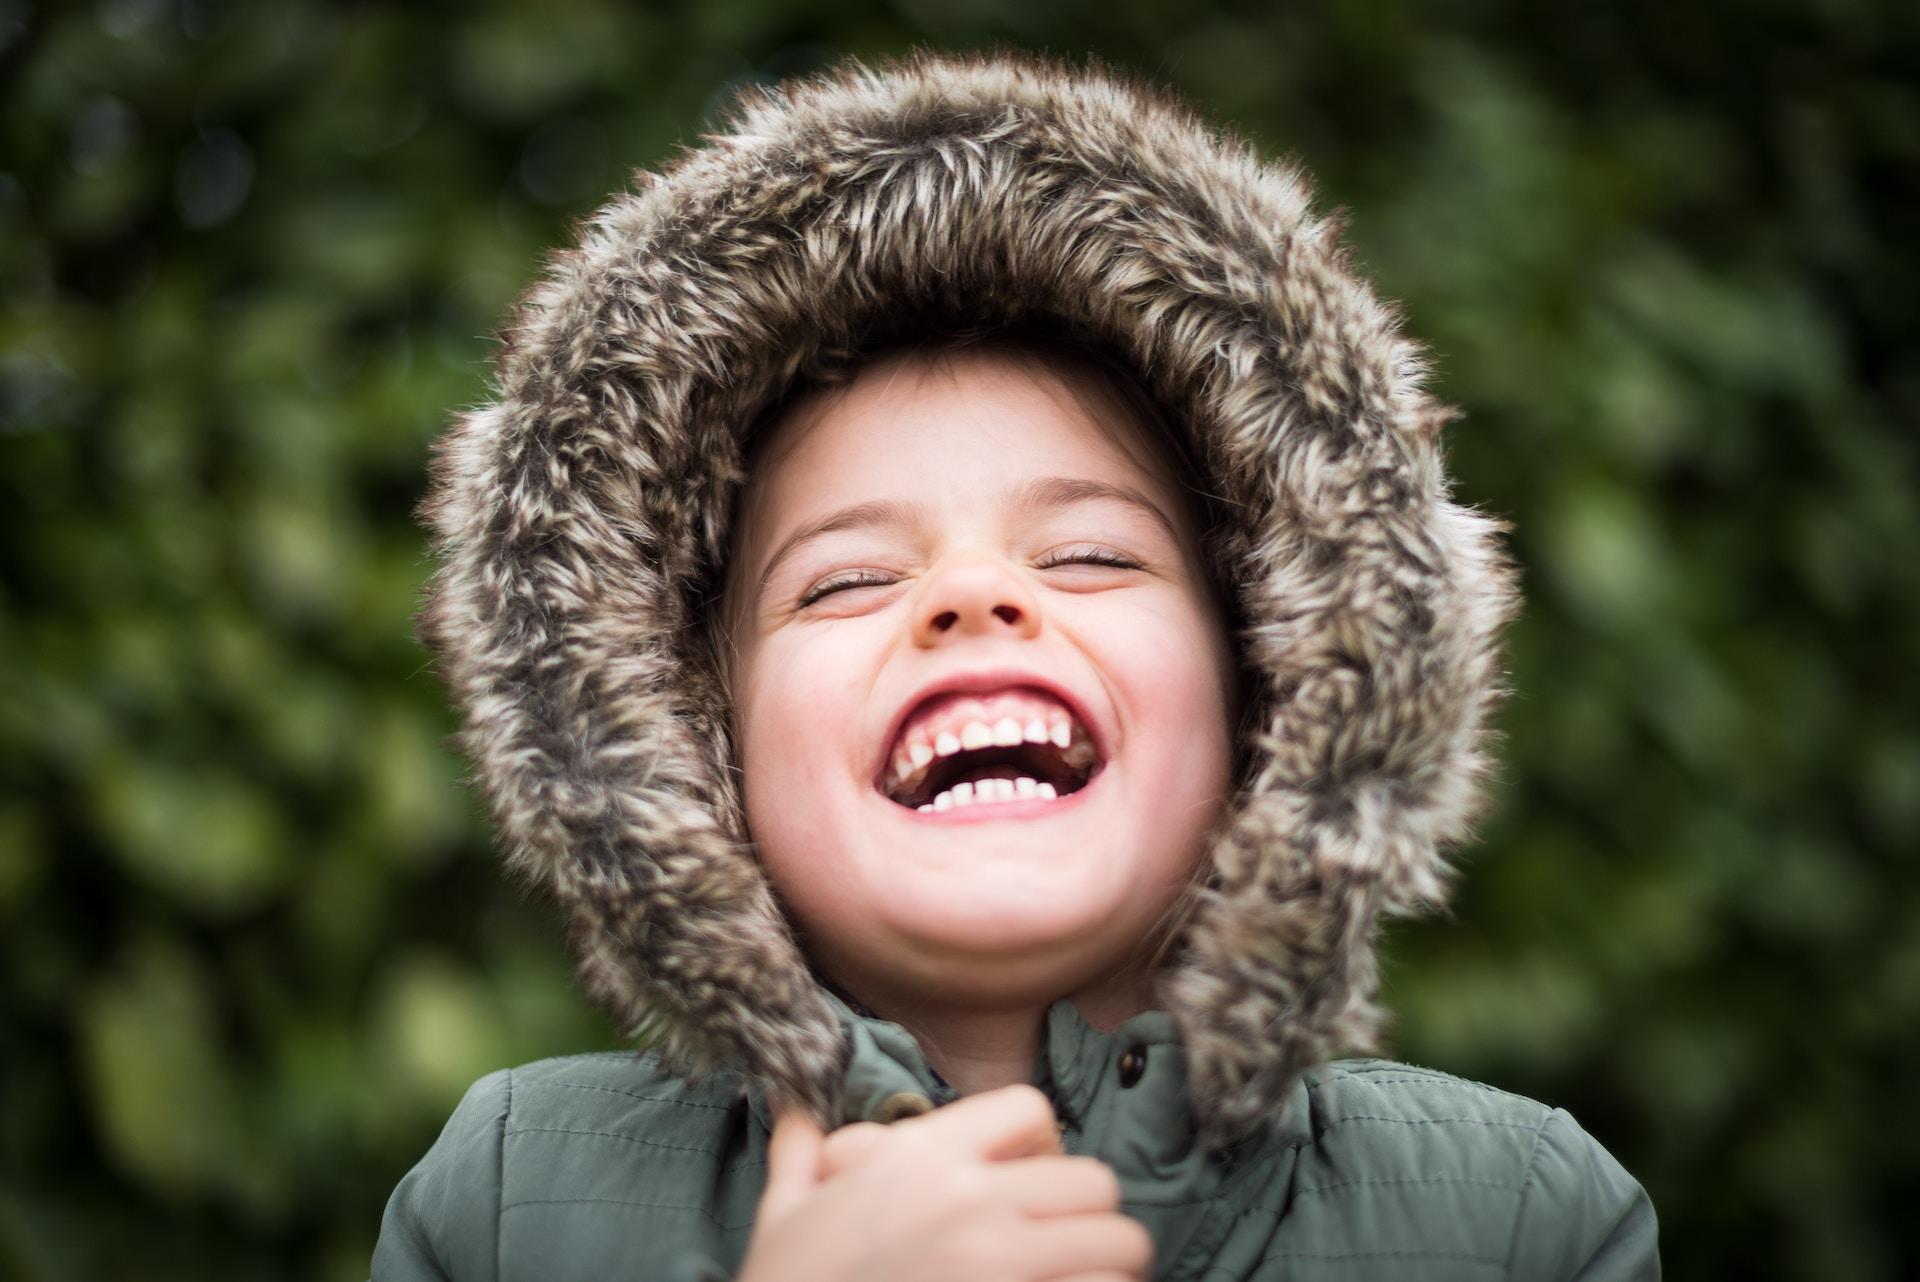 Tratamientos ortodoncia para niños Clínica Ortodoncia Pedro Vázquez